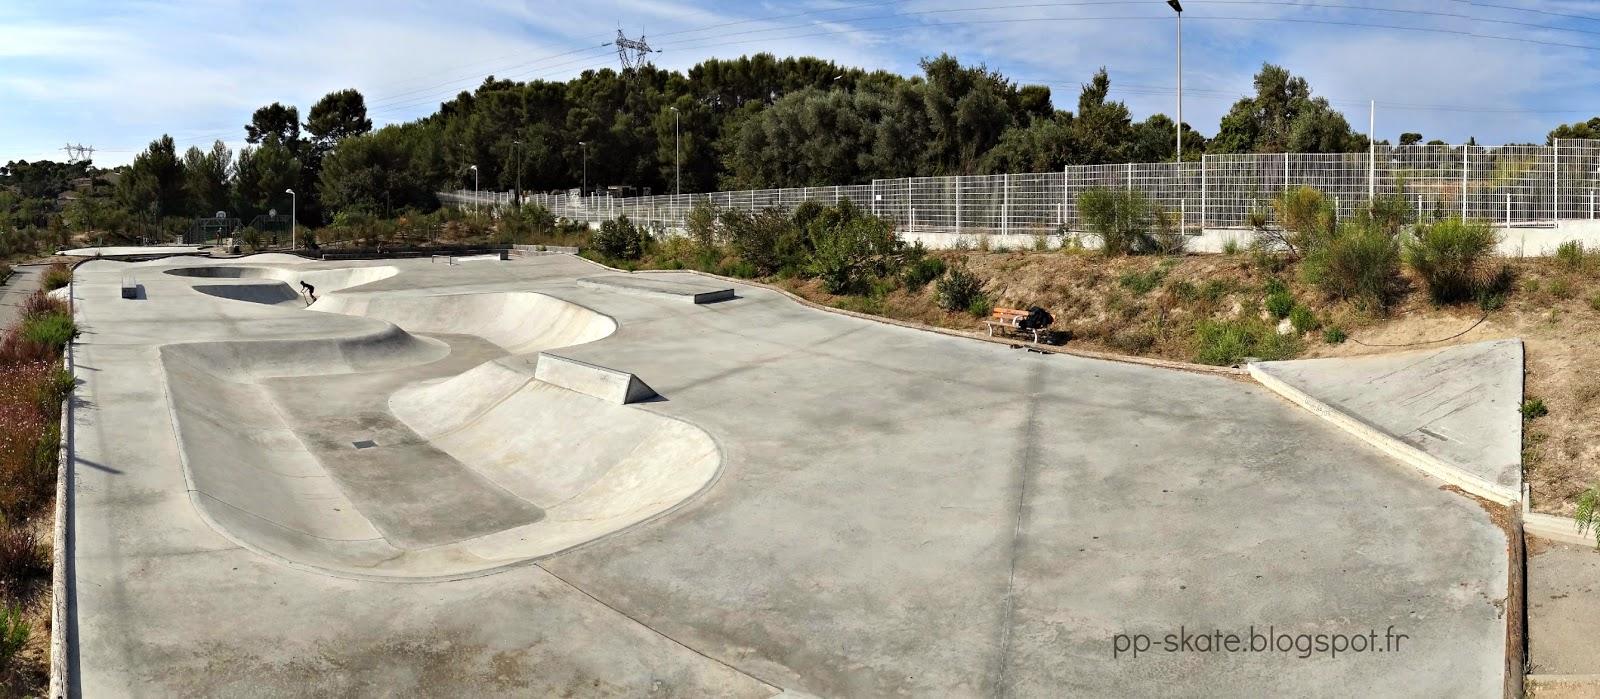 Skatepark snake park Toulon